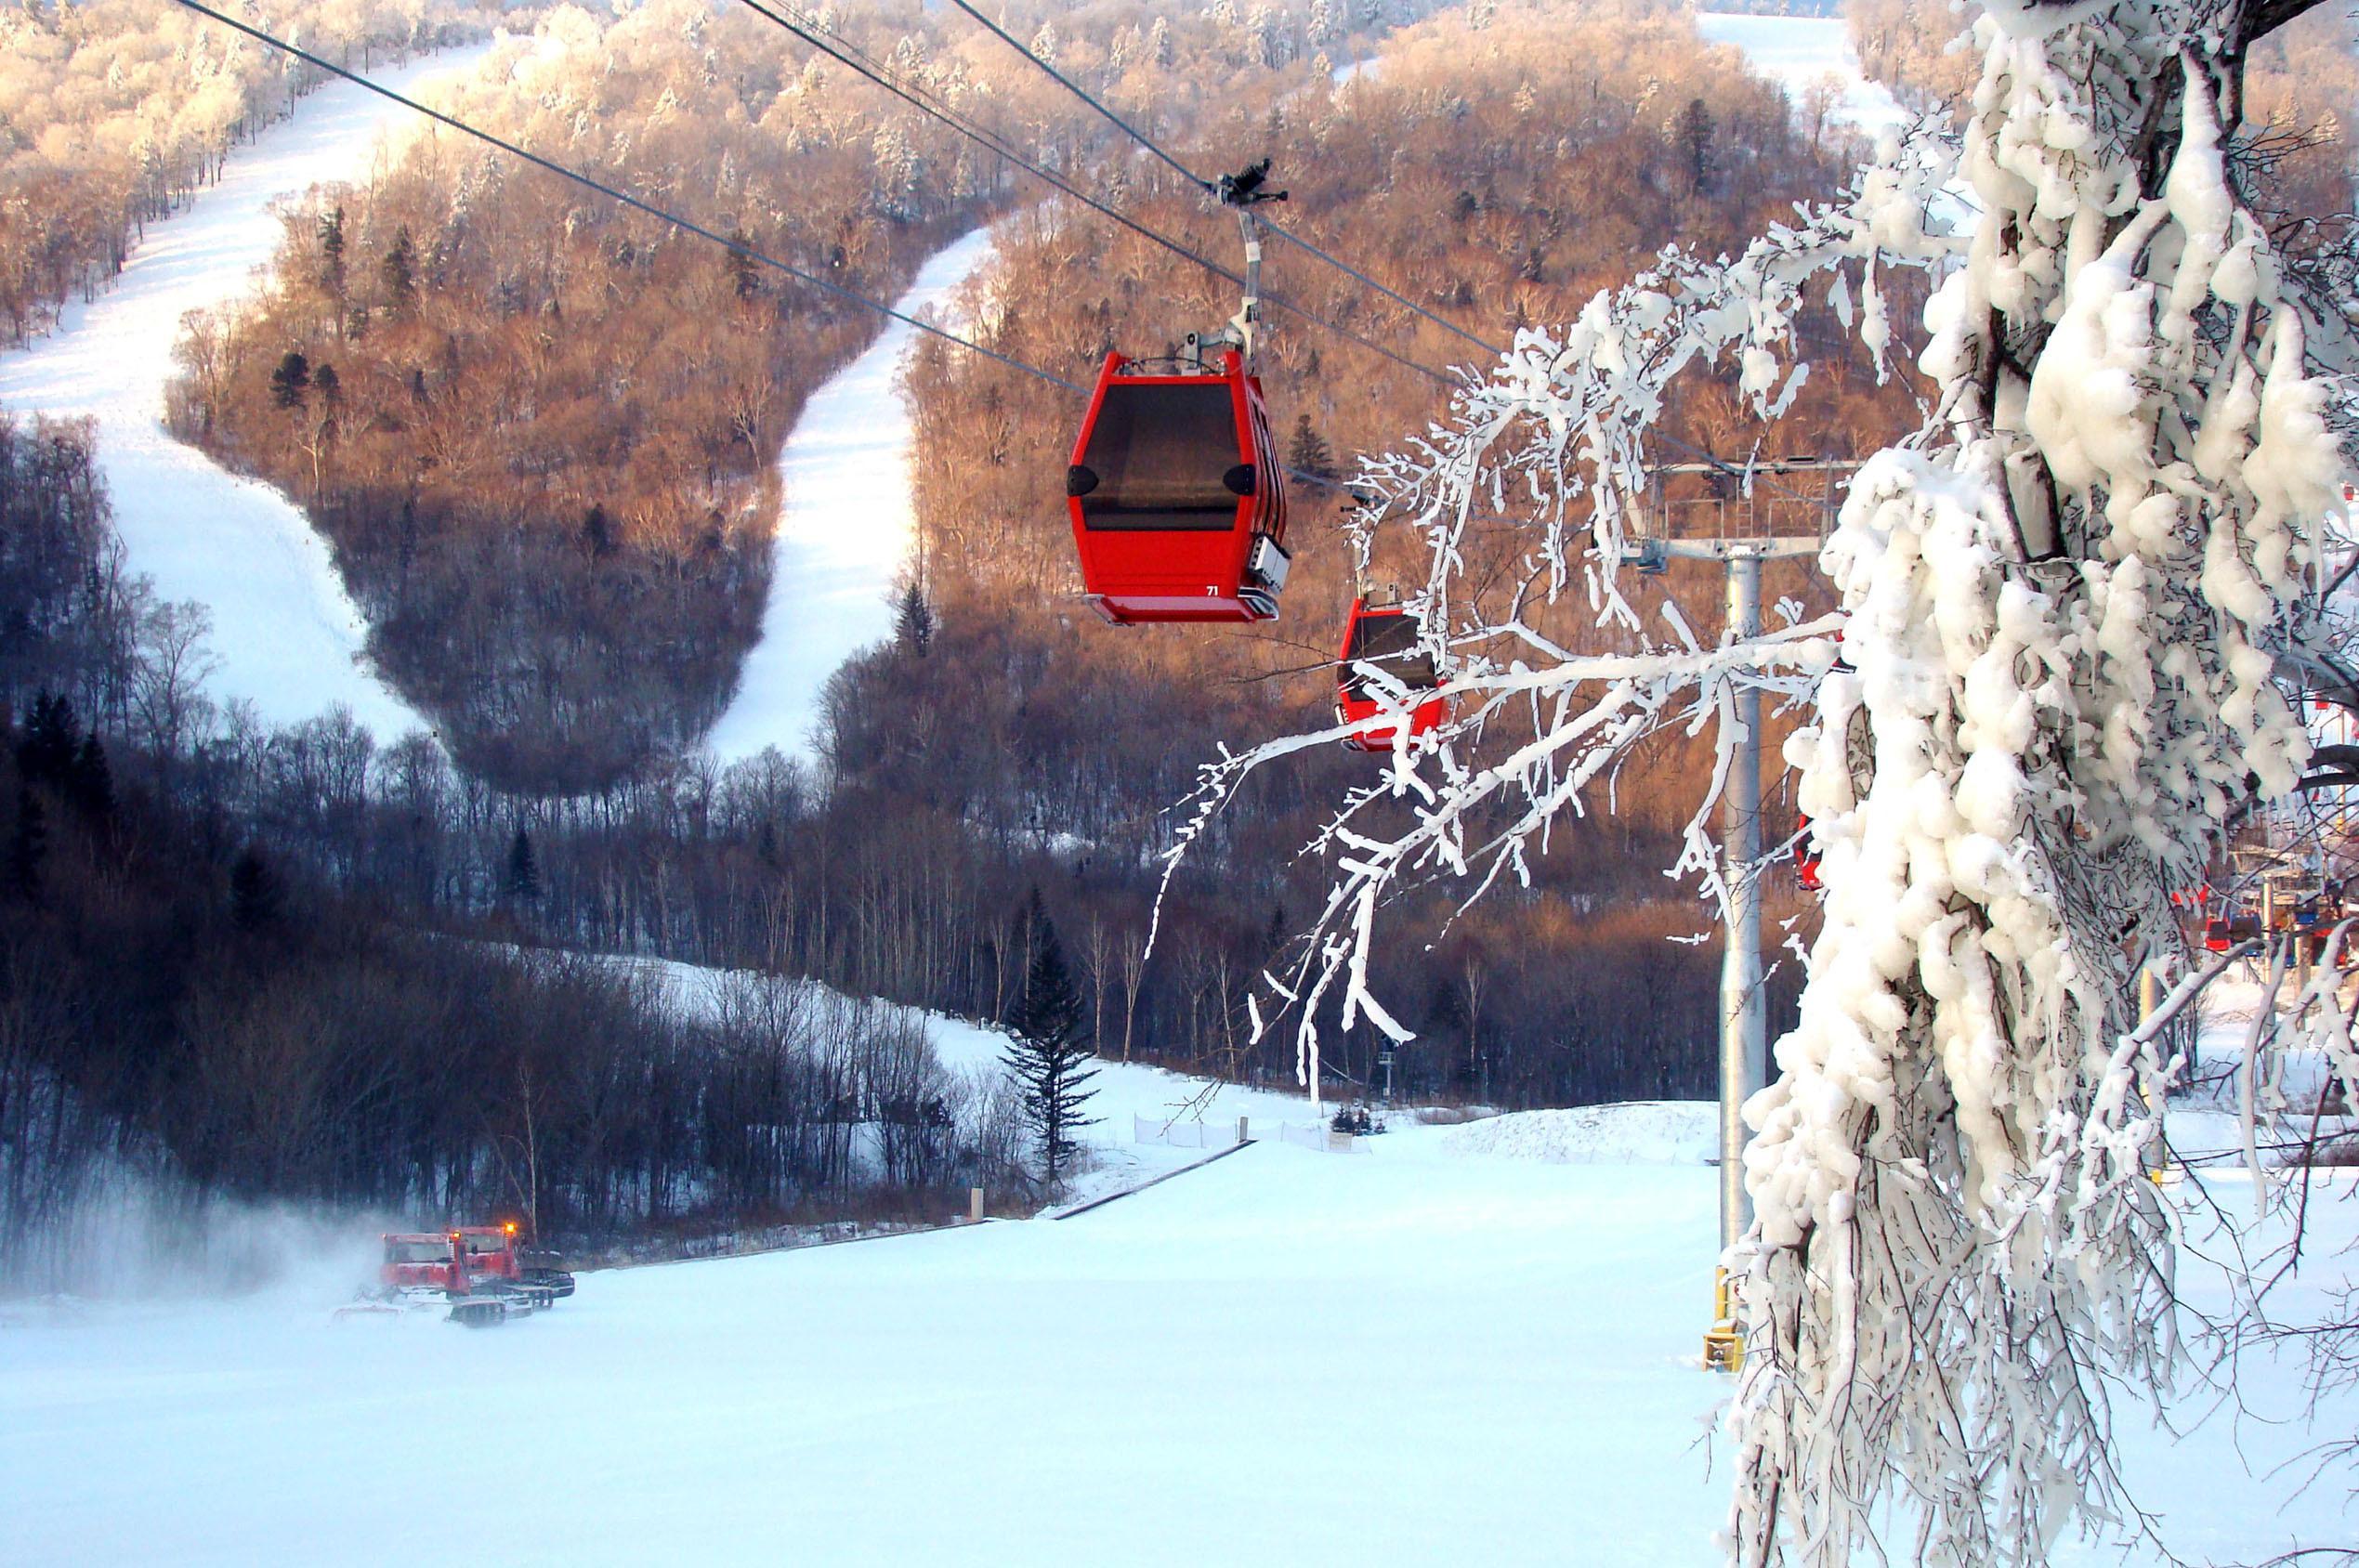 恩施绿葱坡滑雪场